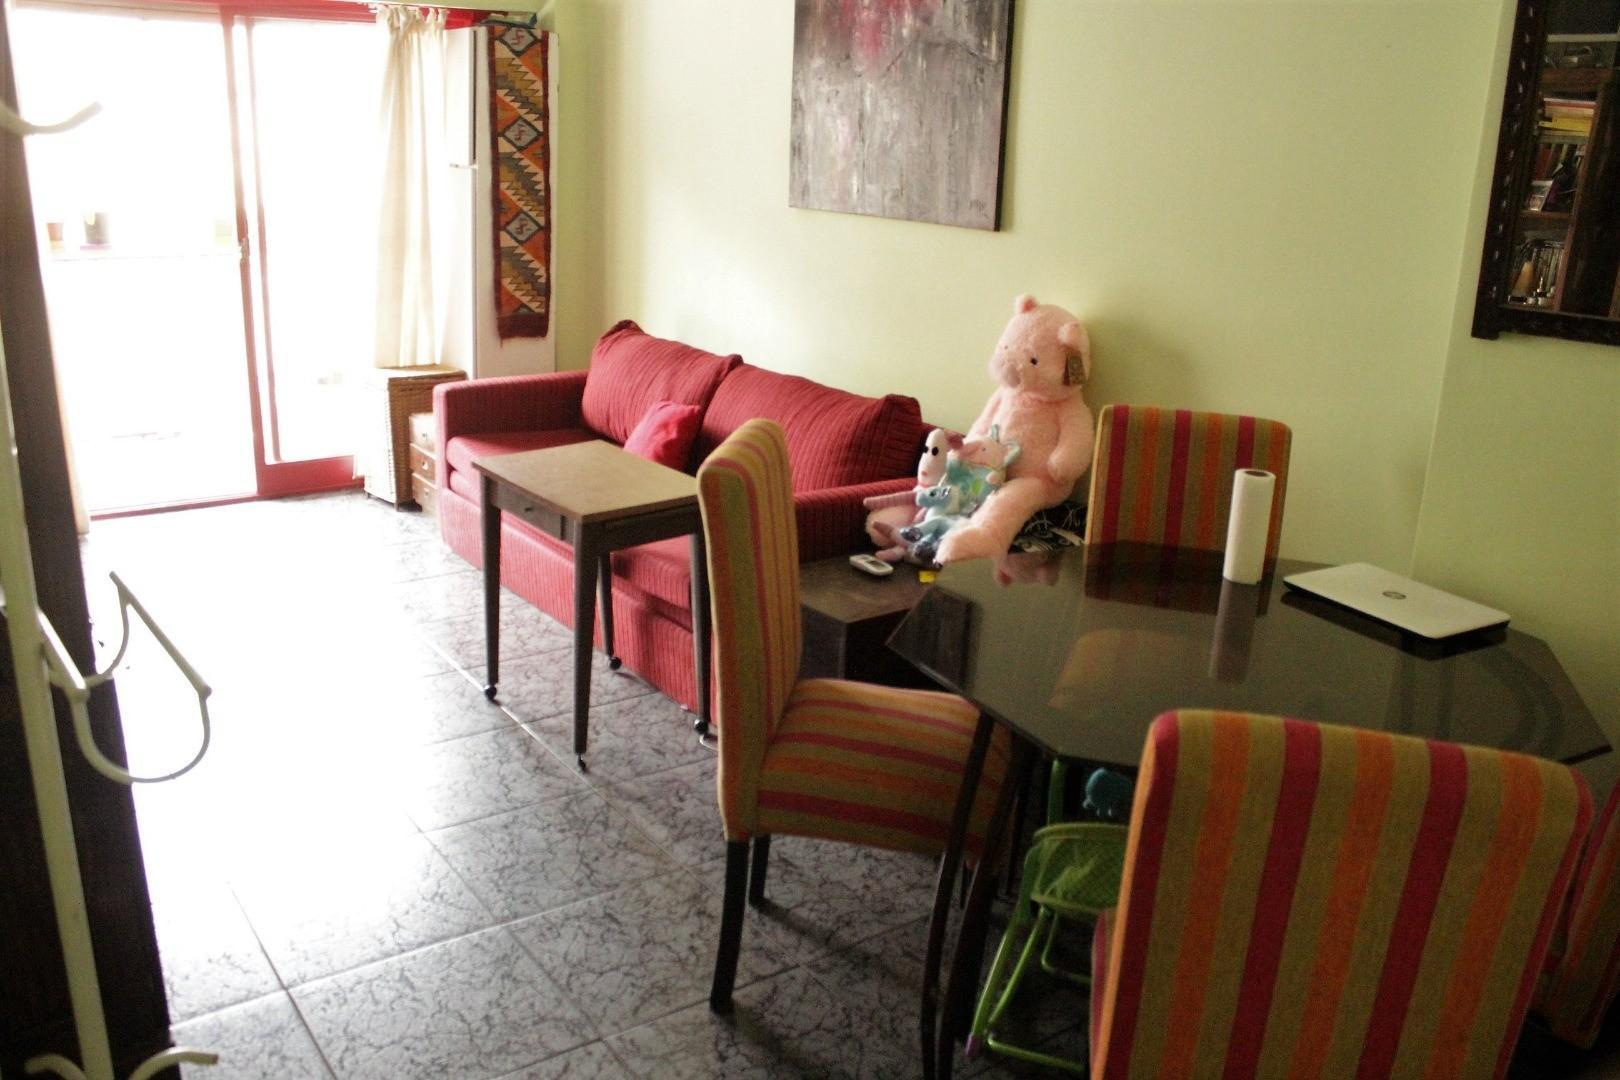 APTO CREDITO!! Venta 2 ambientes c/ balcón y patio en Av Juan B Justo 3600, Villa Crespo